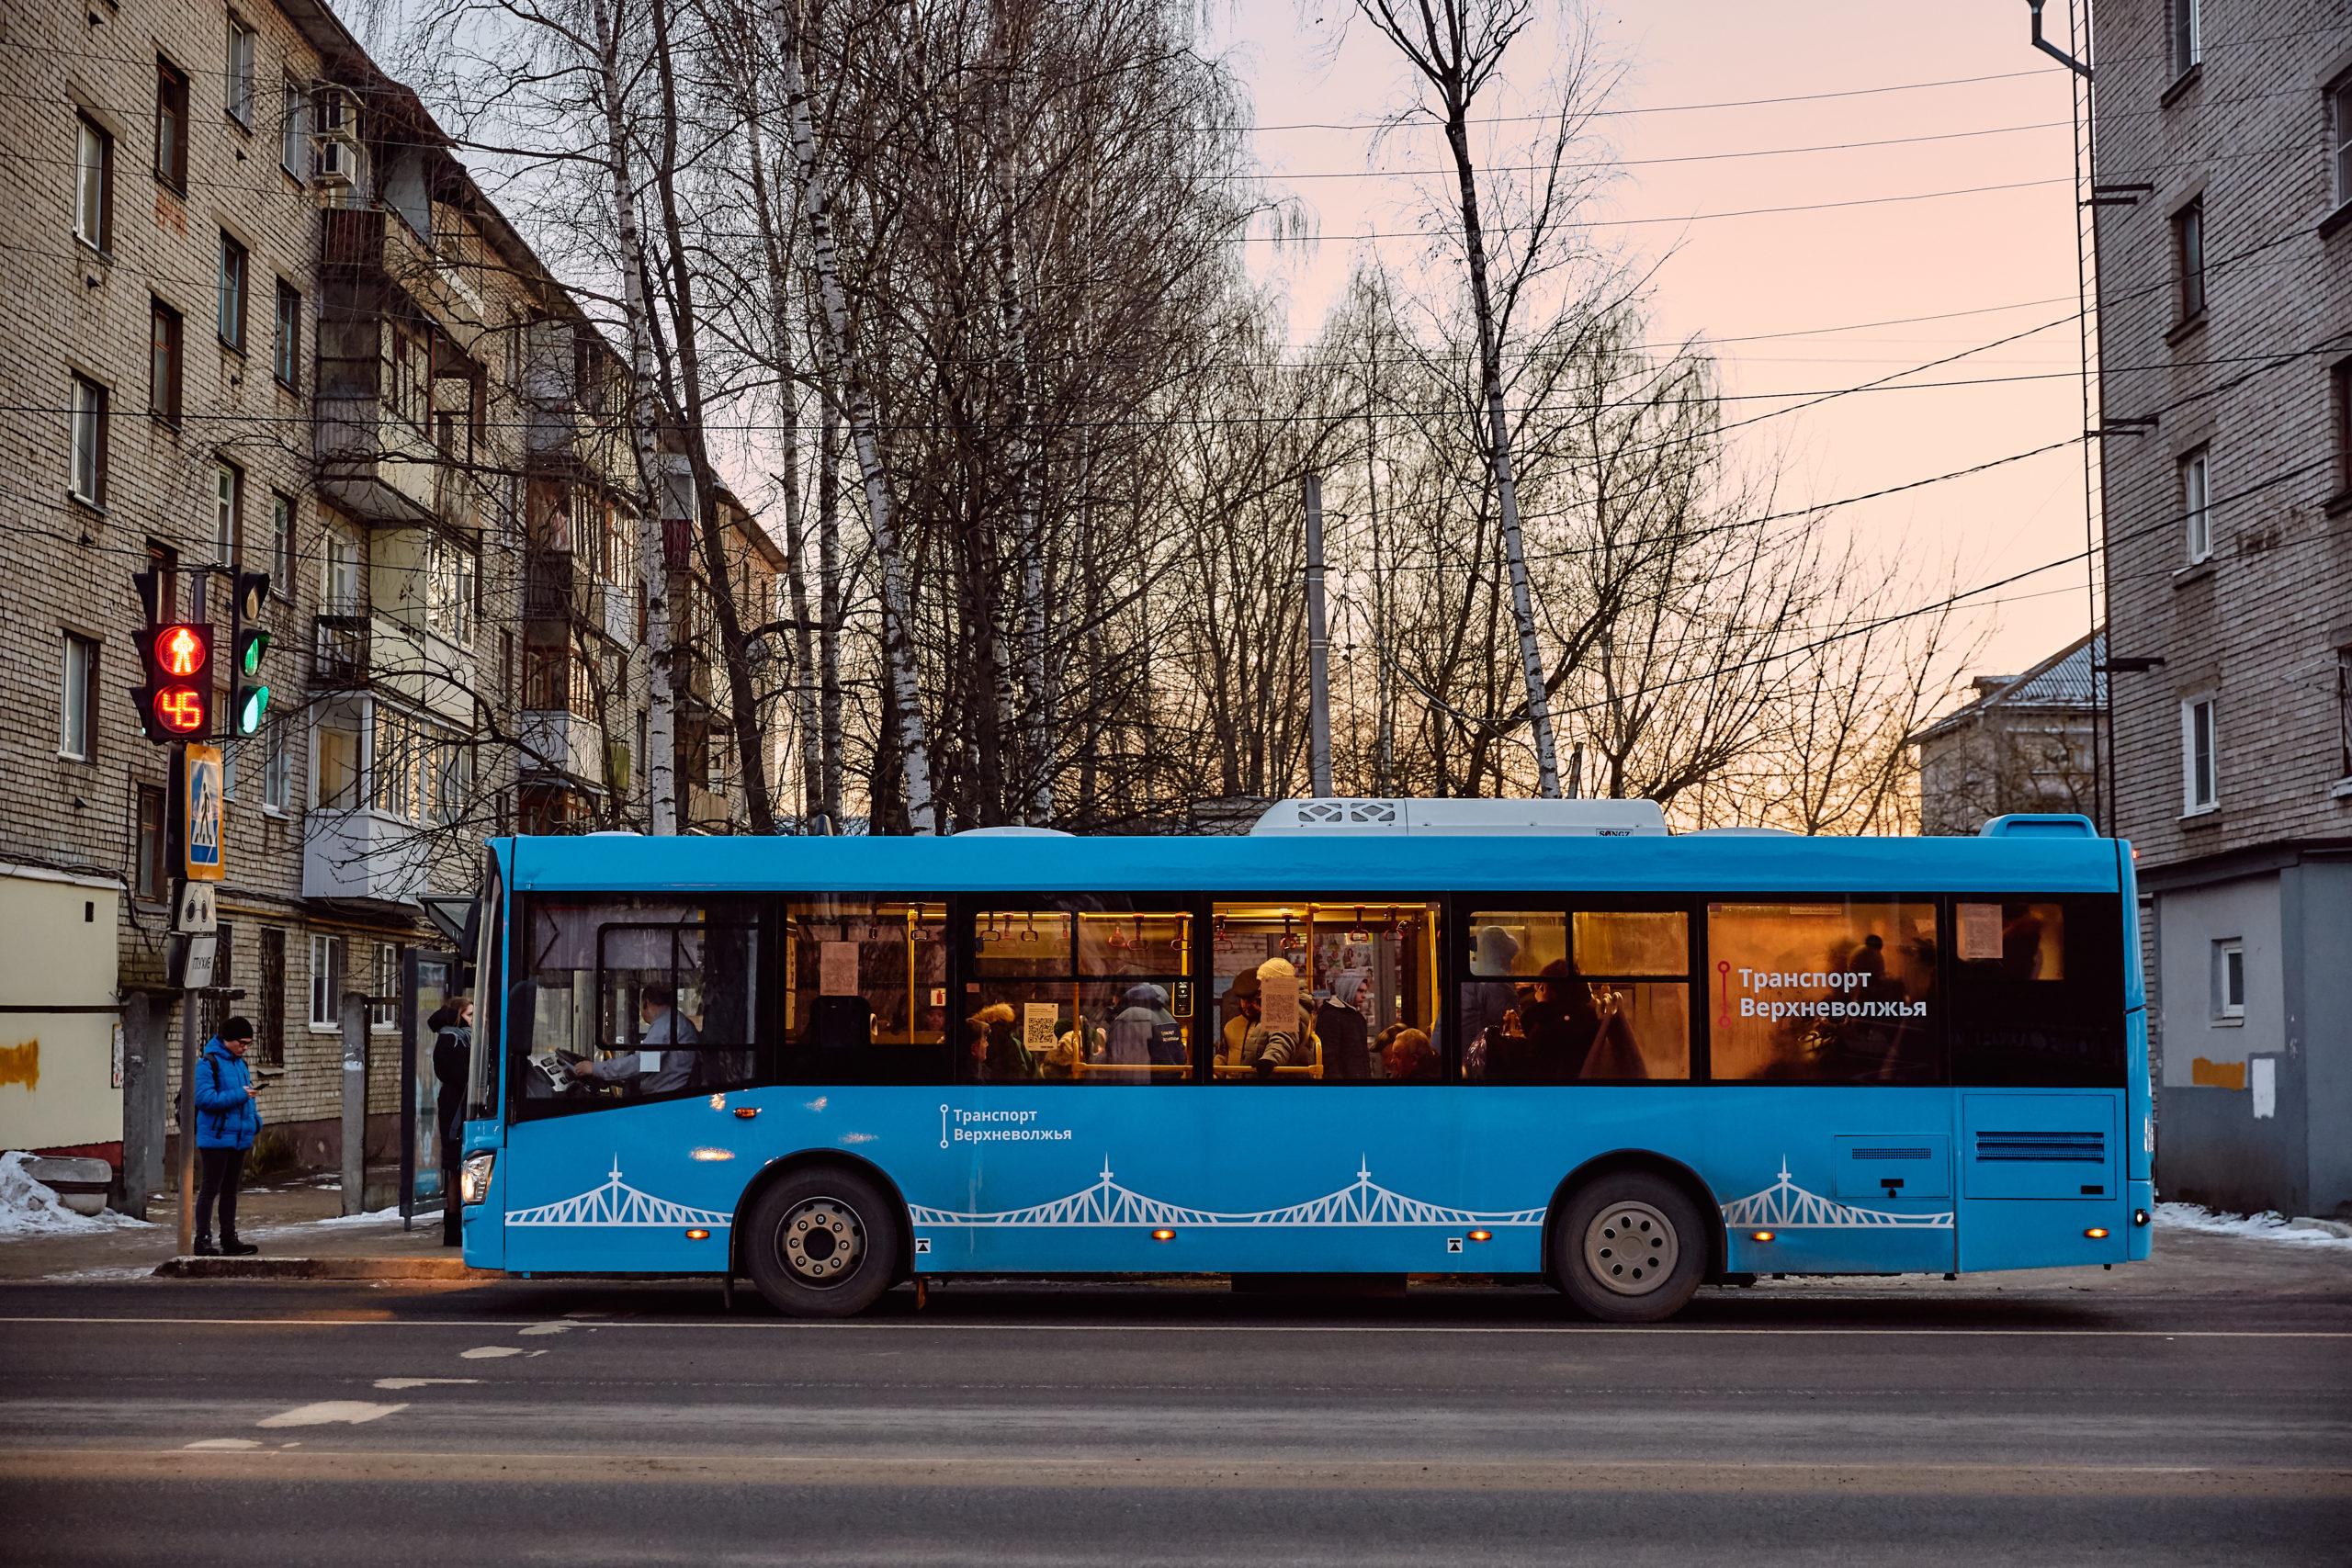 В Твери каждая пятая поездка в общественном транспорте стоит 25 копеек